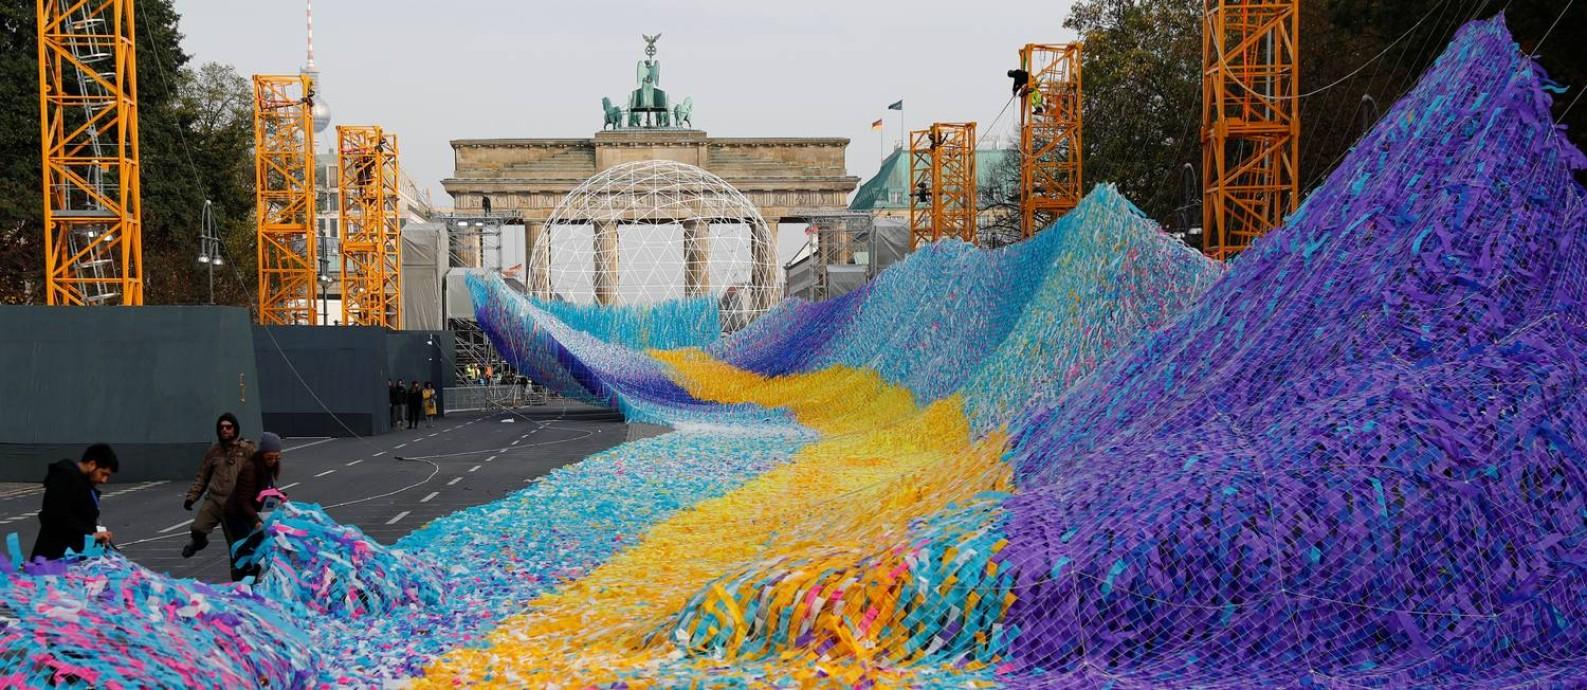 O Portão de Brandemburgo, que ficou do lado leste da cidade partida e que ninguém pôde cruzar nos 28 anos em que o muro esteve de pé, é enfeitado com uma instalação feita com 30 mil fitas em que 30 mil pessoas fizeram pedidos Foto: FABRIZIO BENSCH / REUTERS